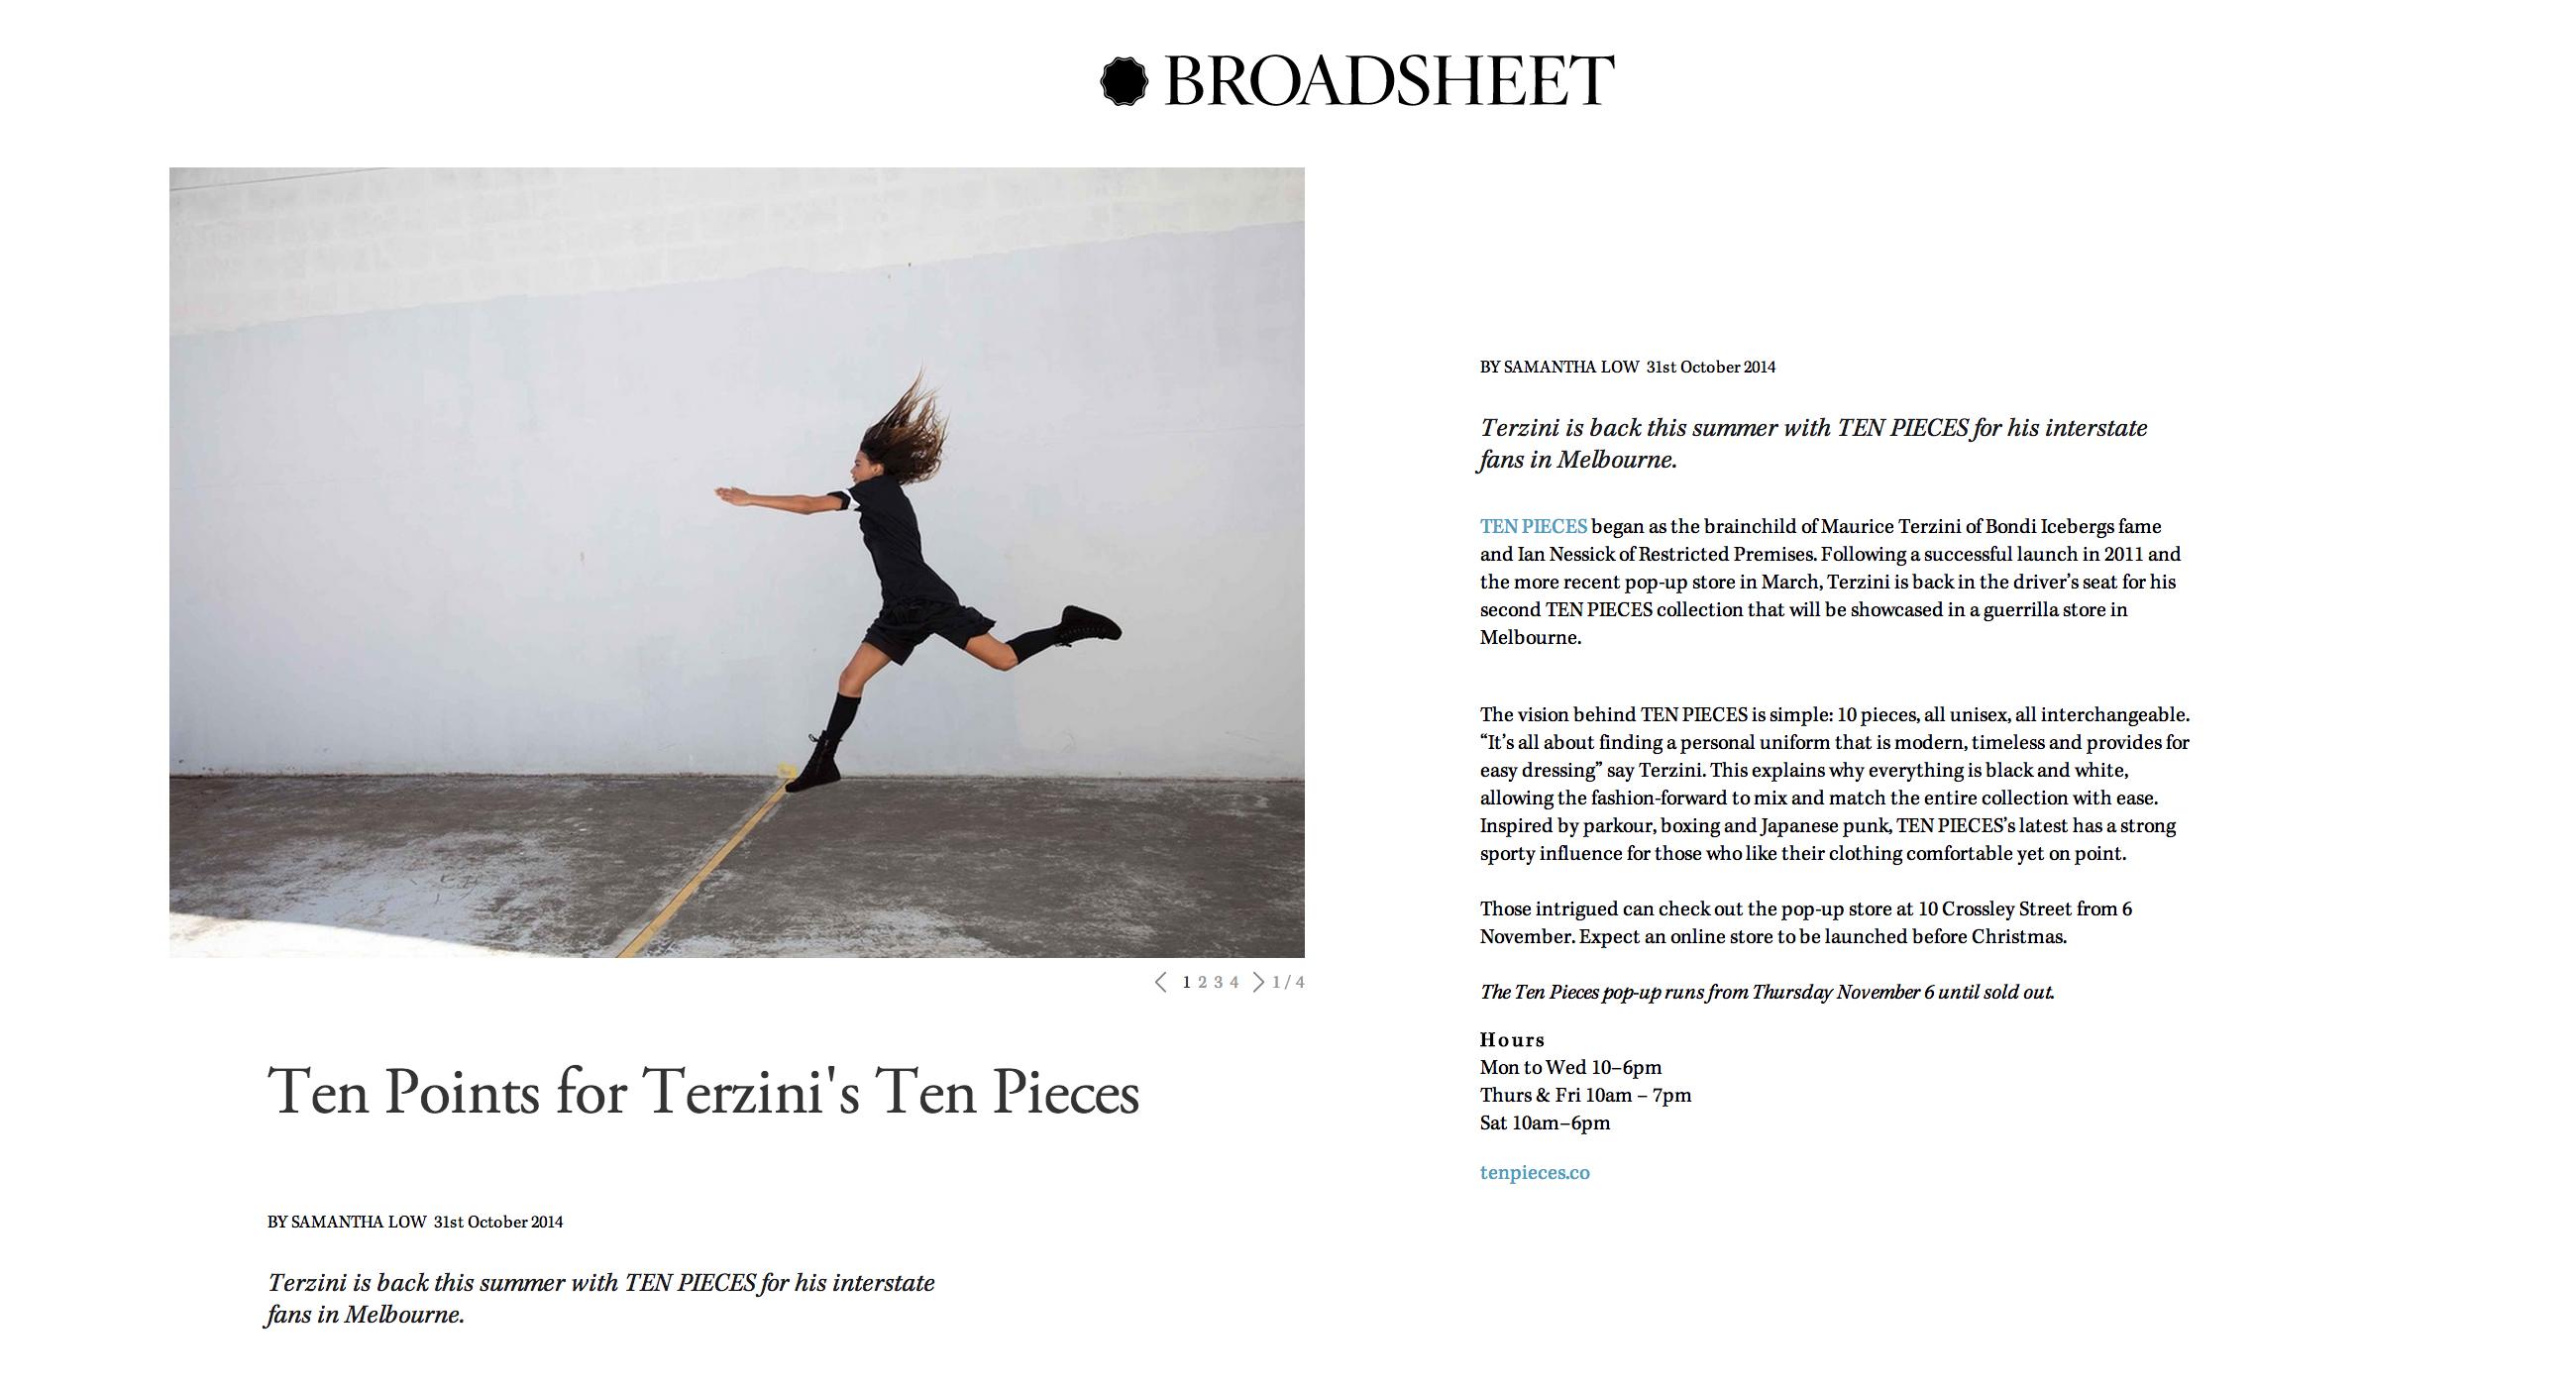 Broadsheet2